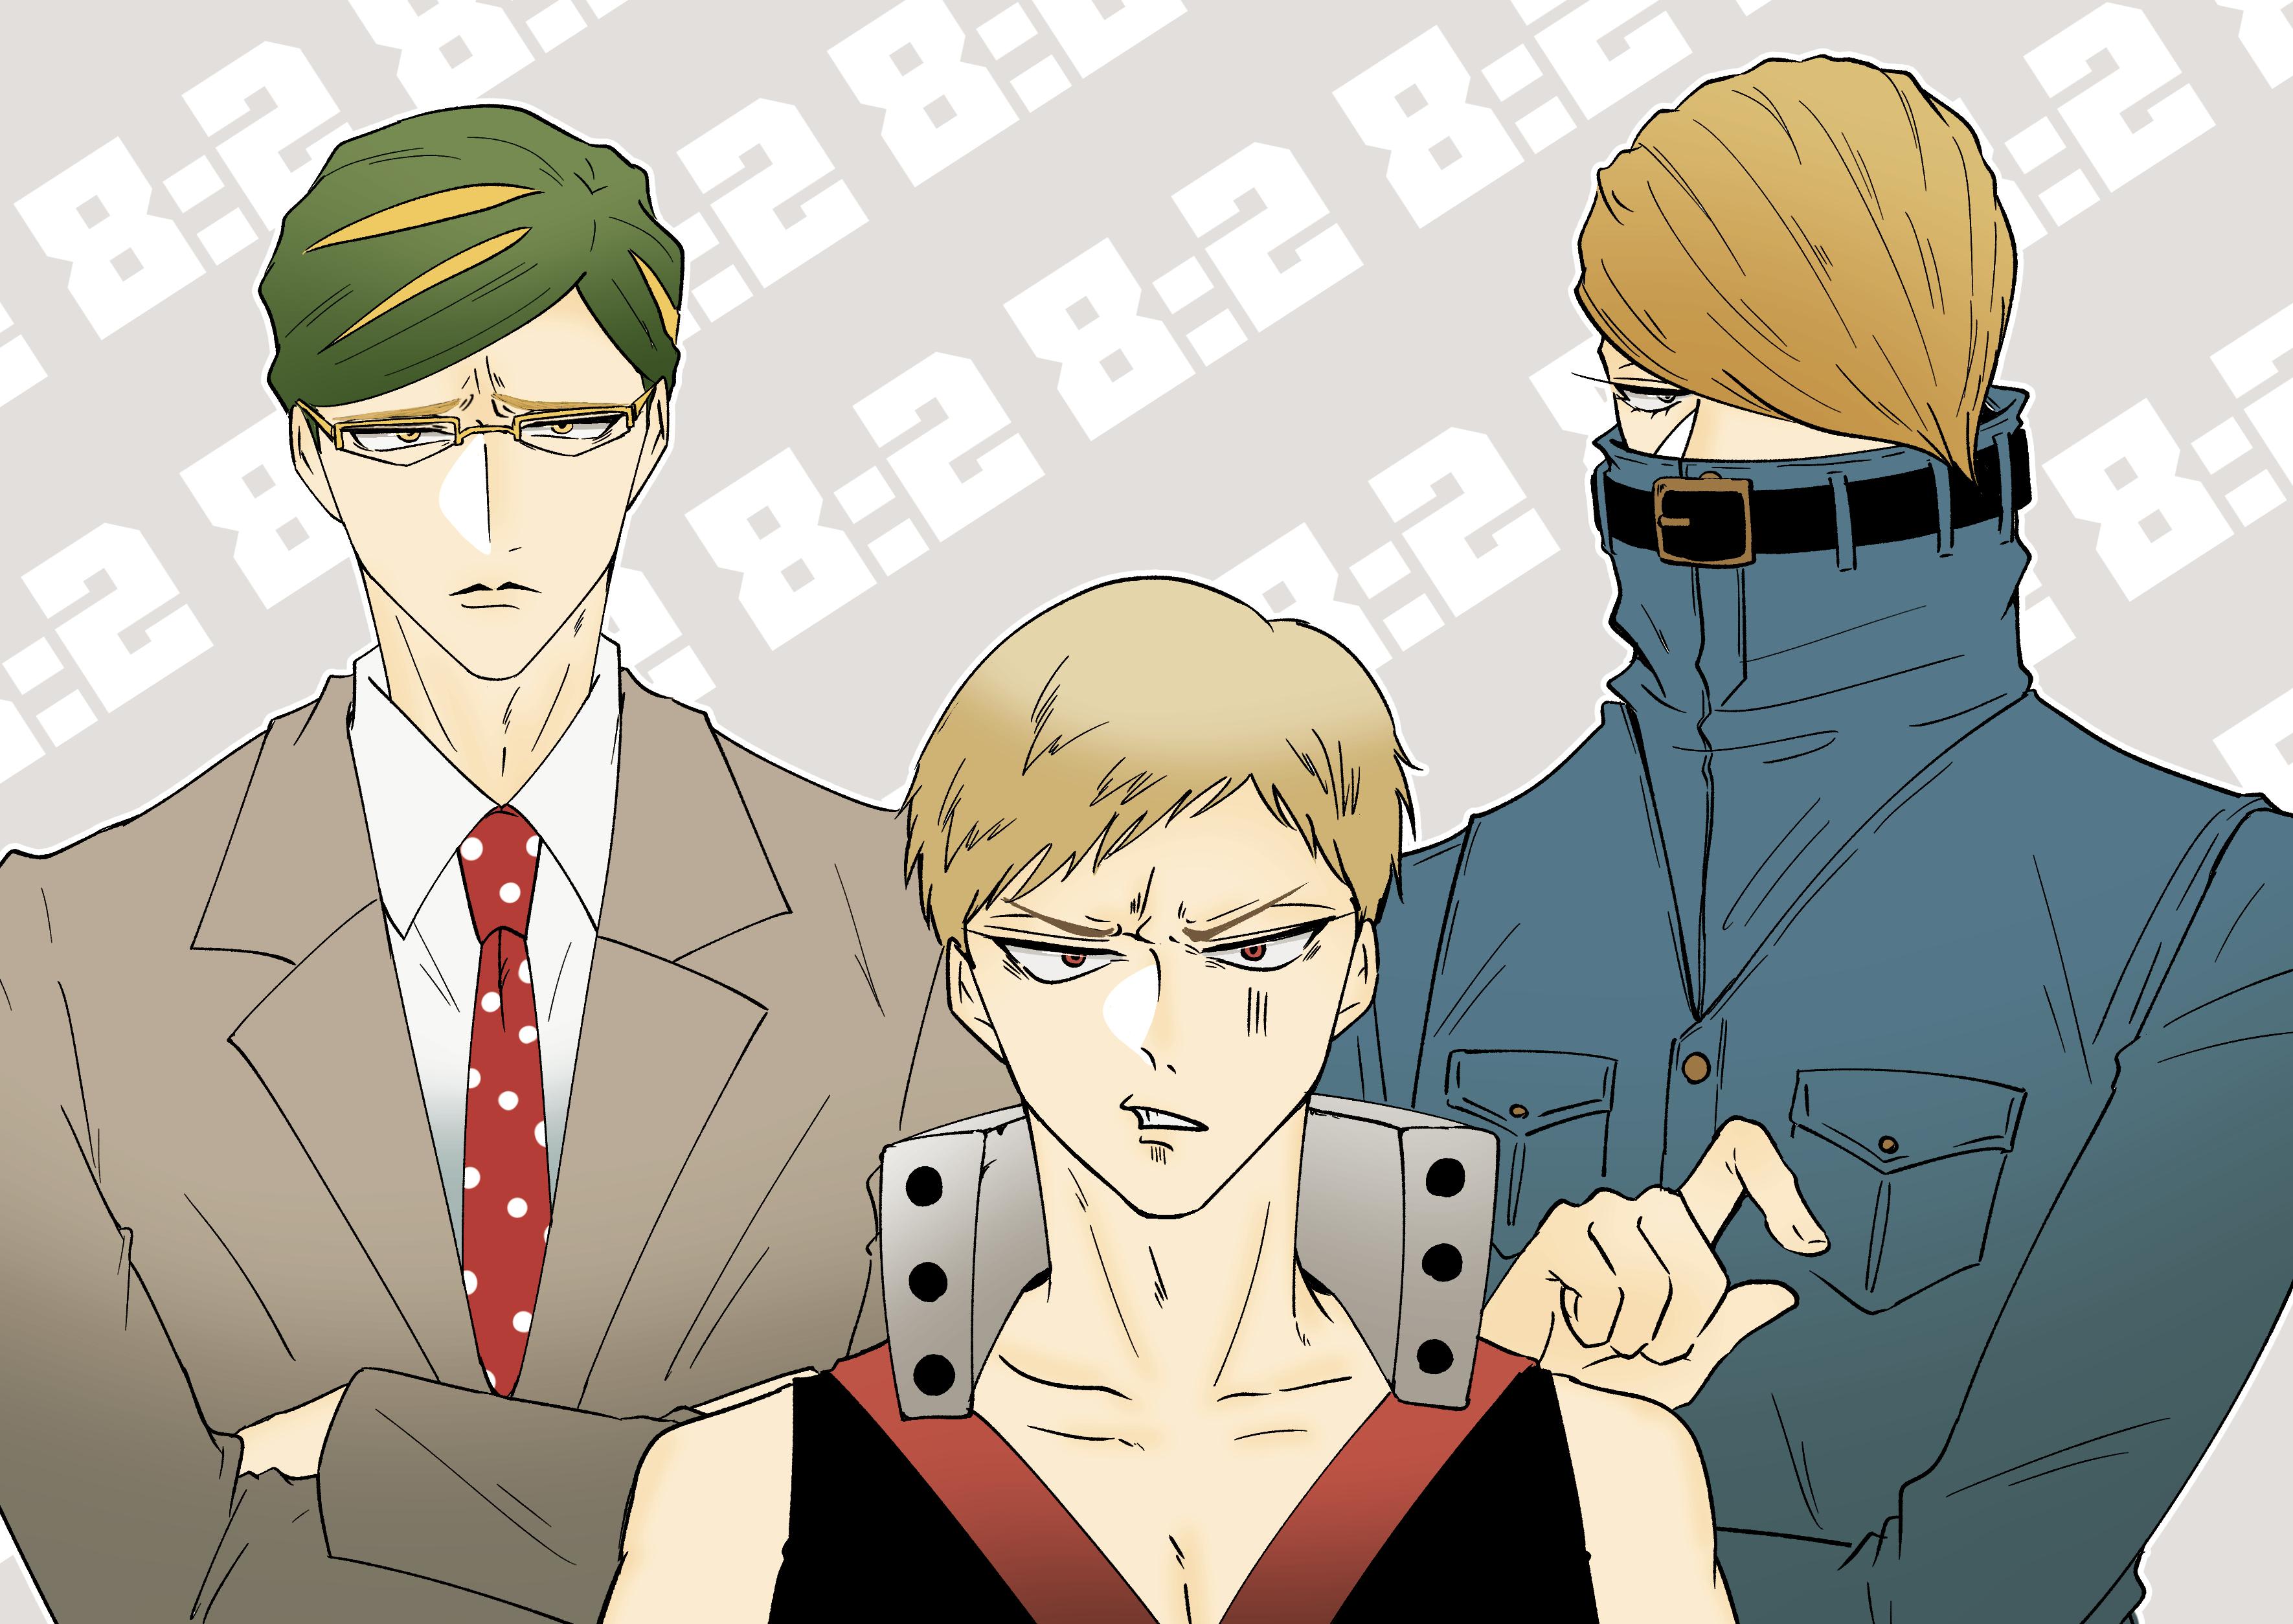 Hakamata Tsunagu Boku No Hero Academia Zerochan Anime